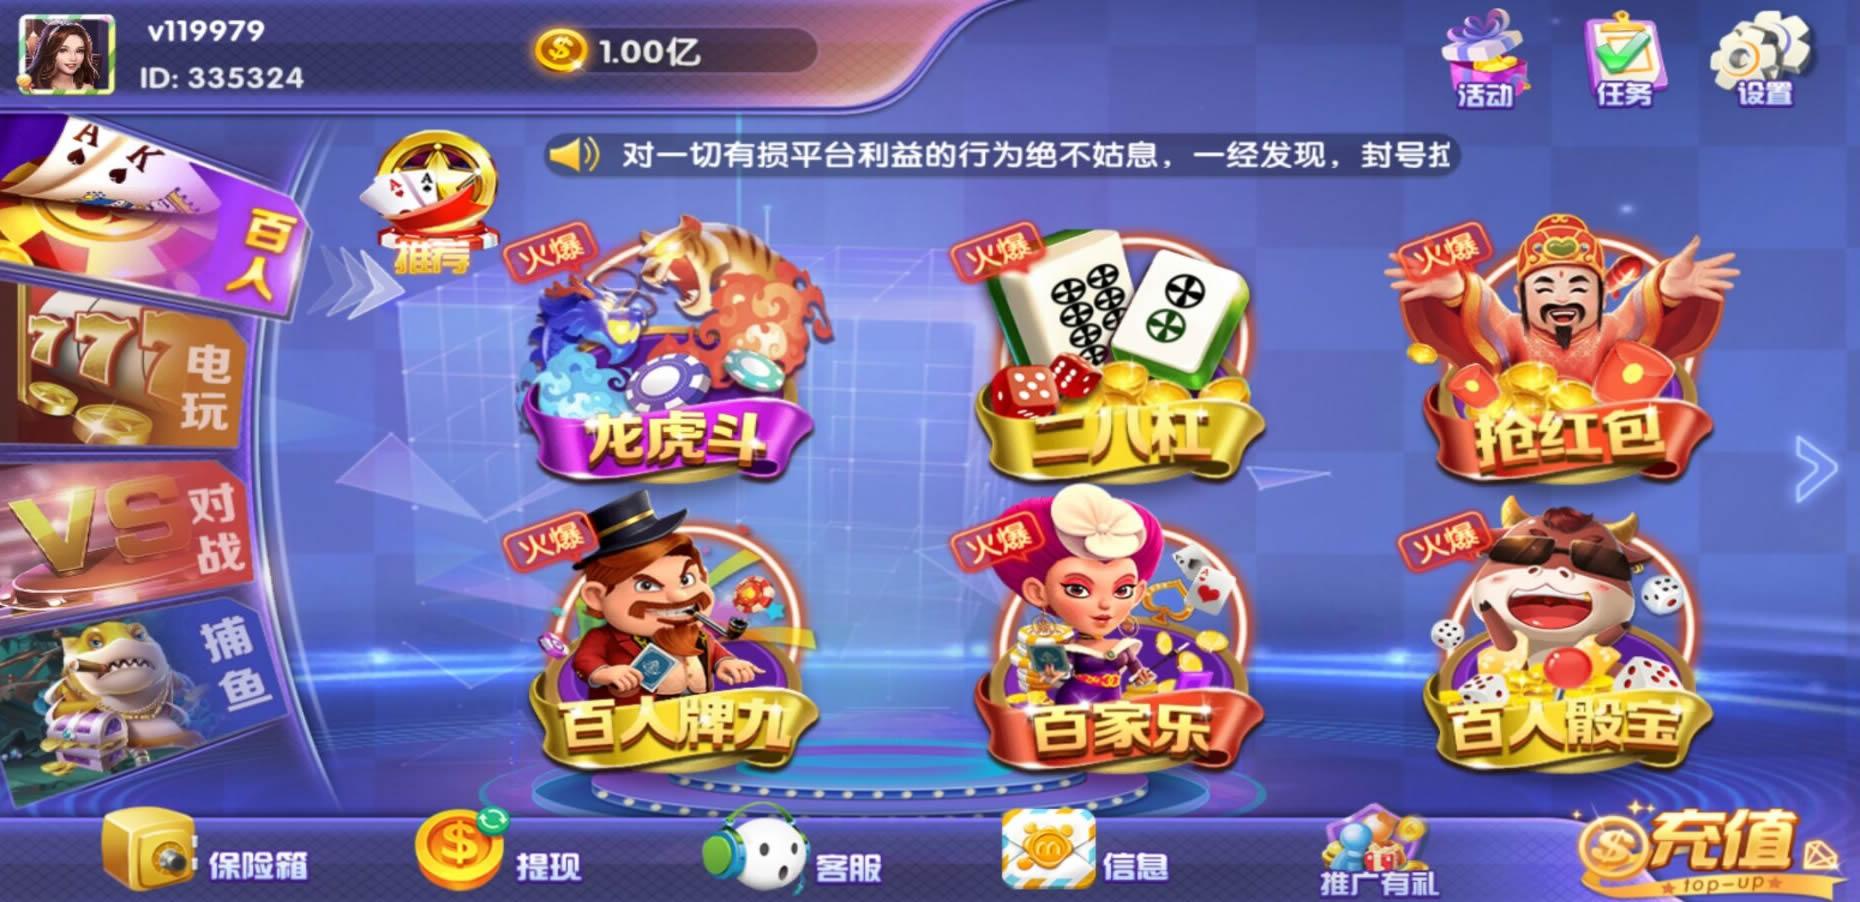 百棋大众 第二套UI 潮人娱乐,20多款子游戏 运营版-第1张